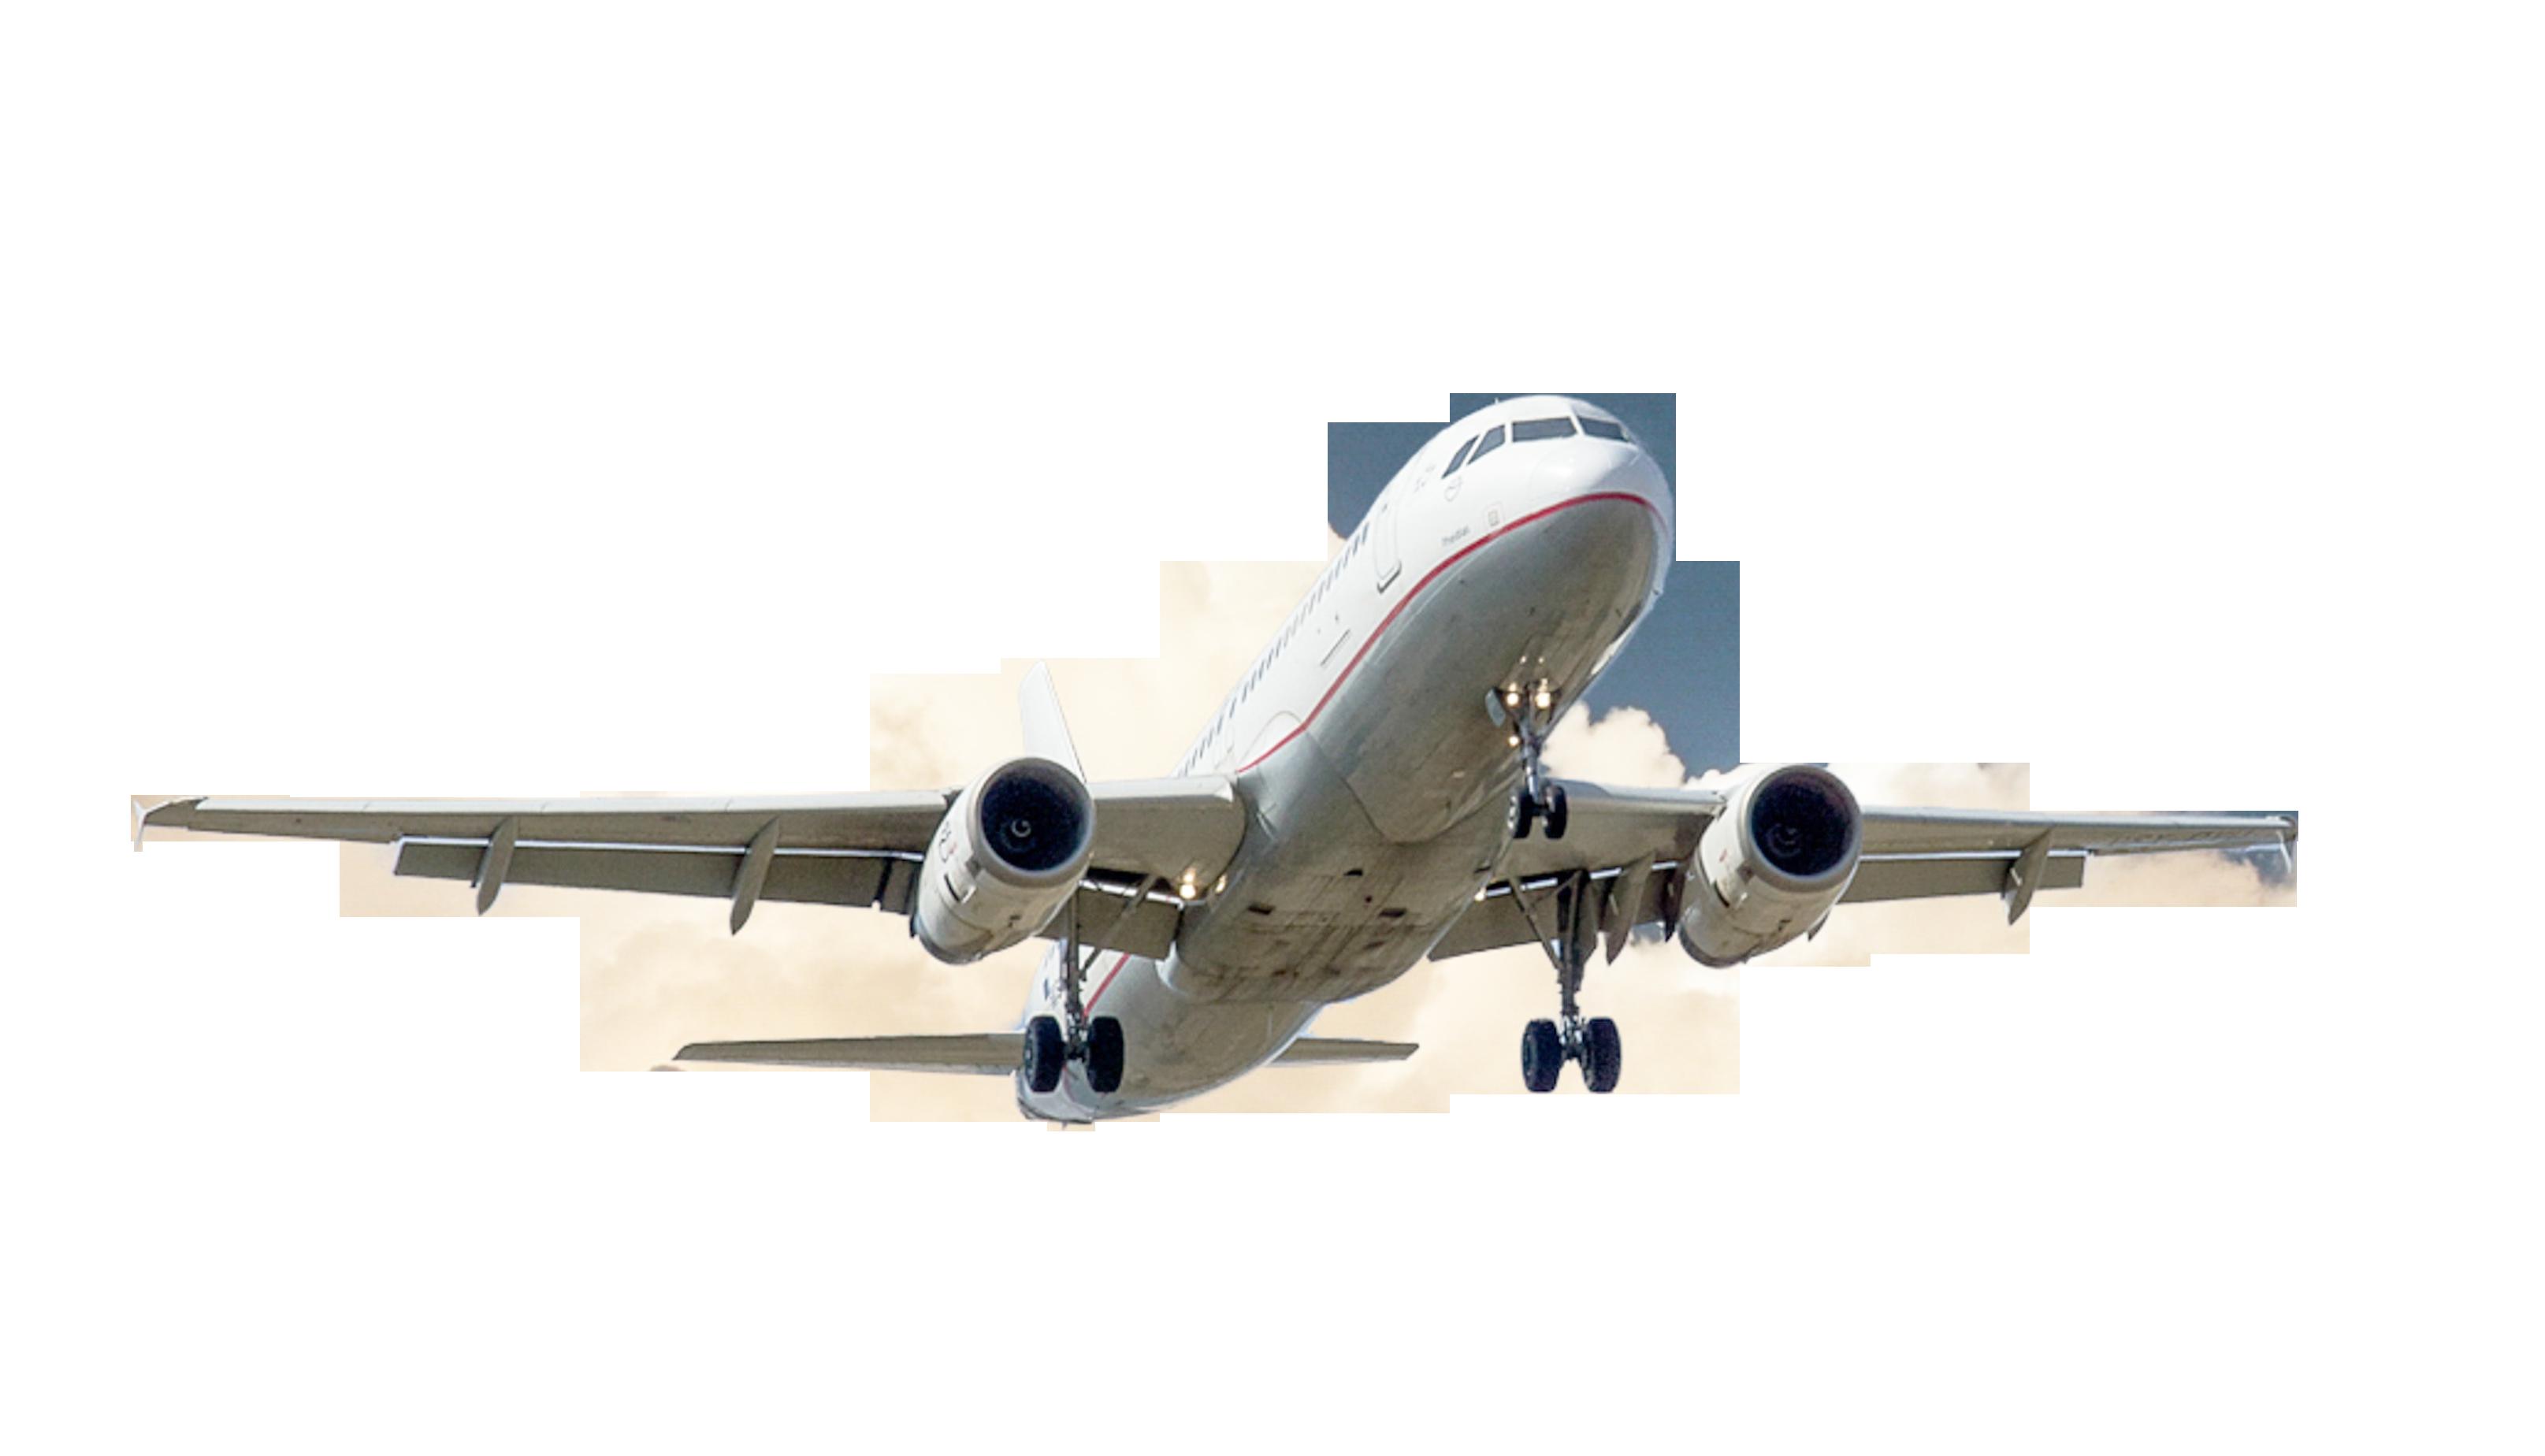 Commercial Airline Passenger Plane